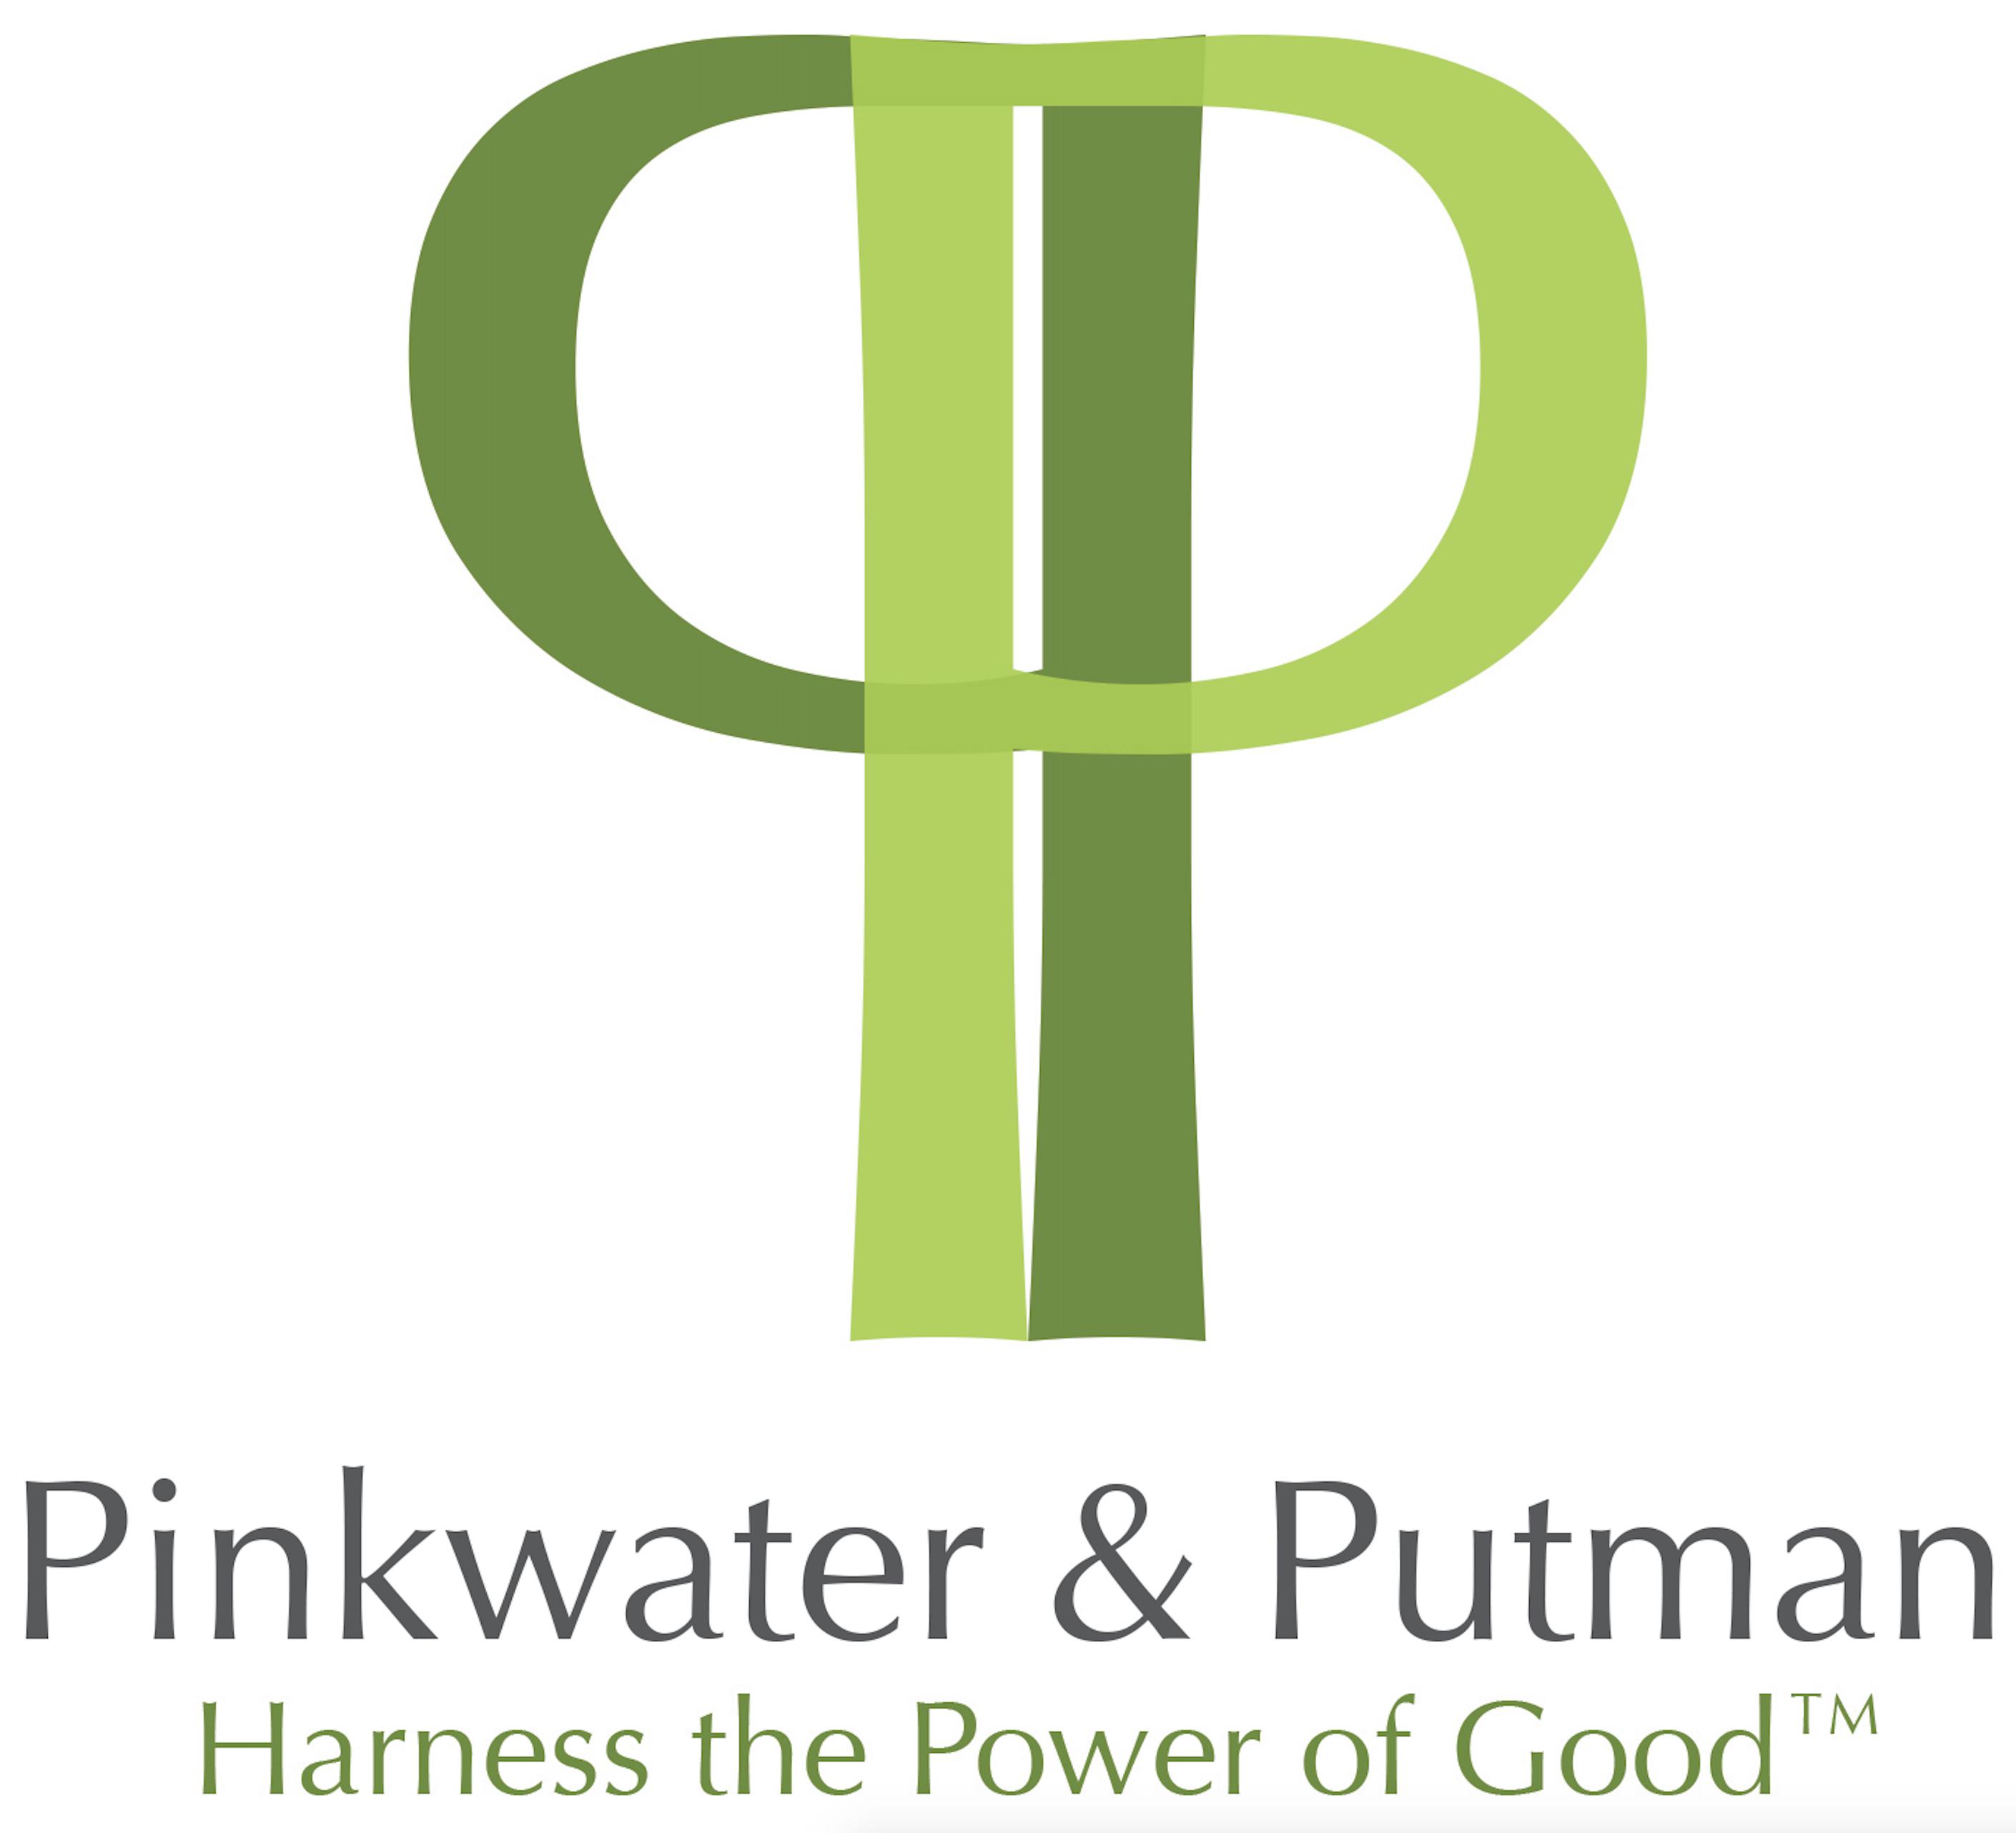 Pinkwater & Putnam